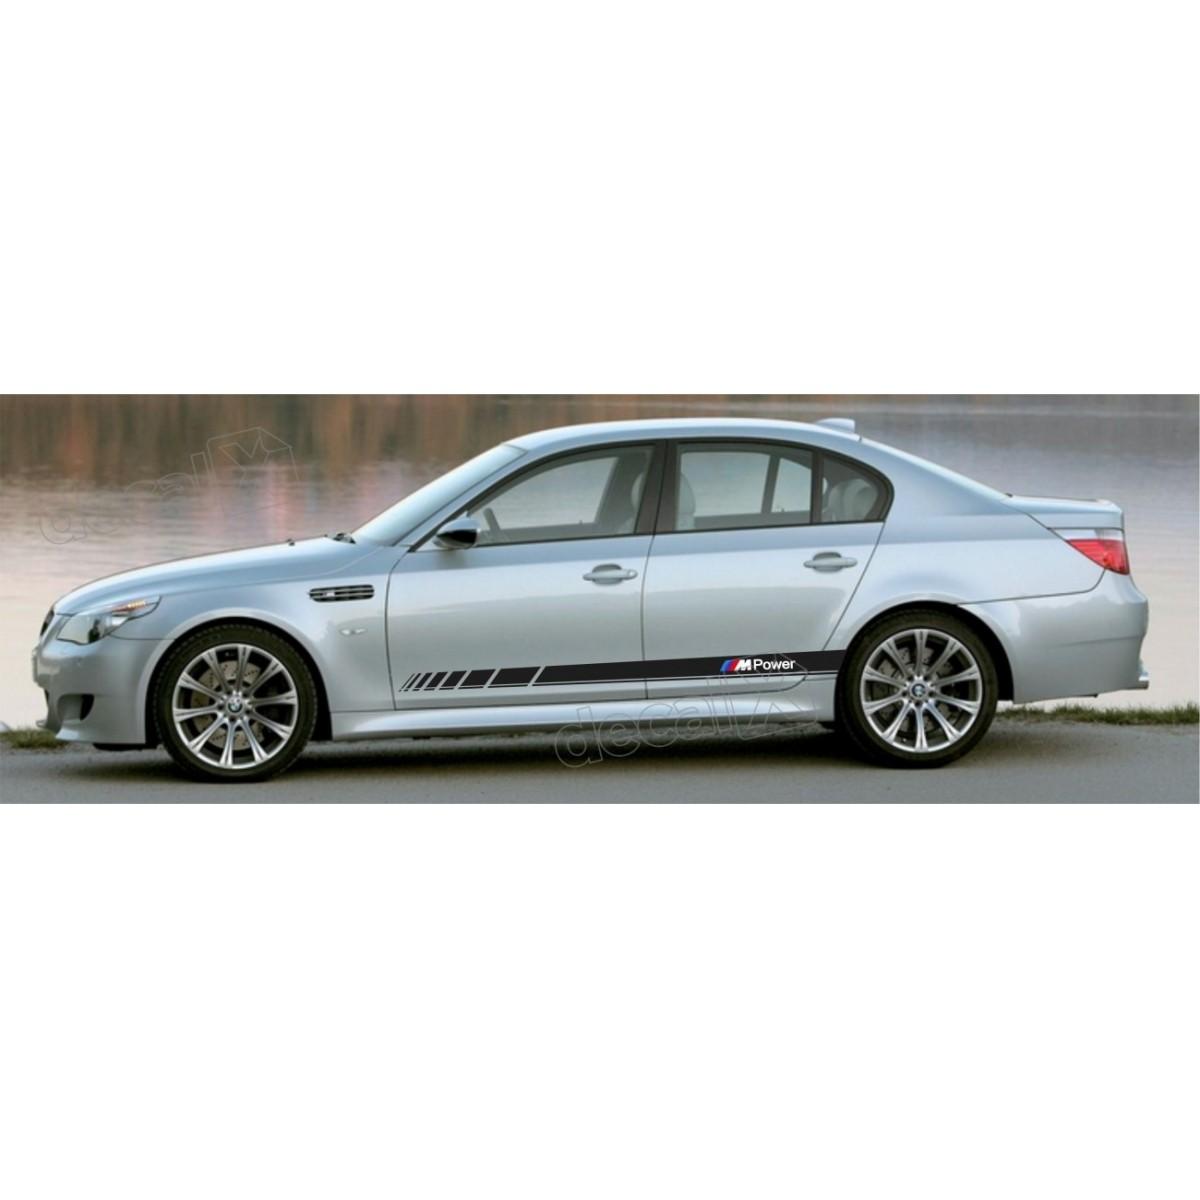 KIT FAIXAS LATERAIS BMW SERIE 3 POWER BW30